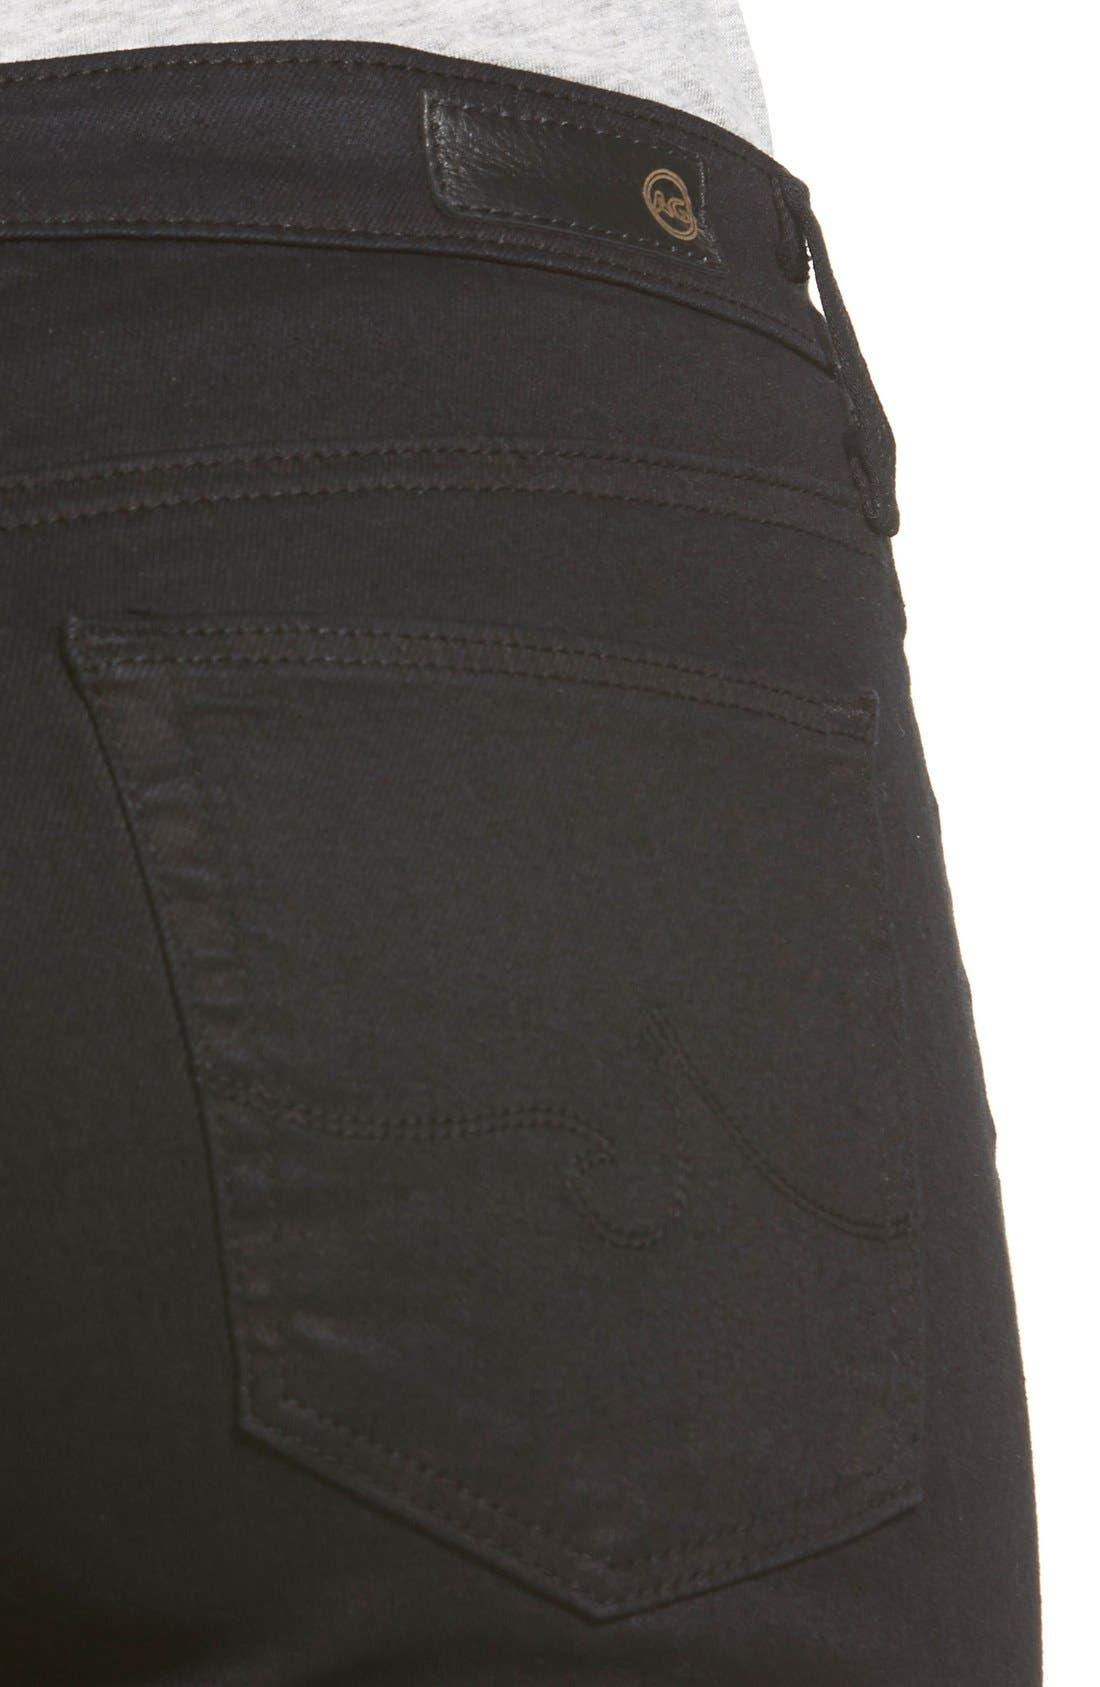 Harper Slim Straight Leg Jeans,                             Alternate thumbnail 7, color,                             OVERDYED BLACK